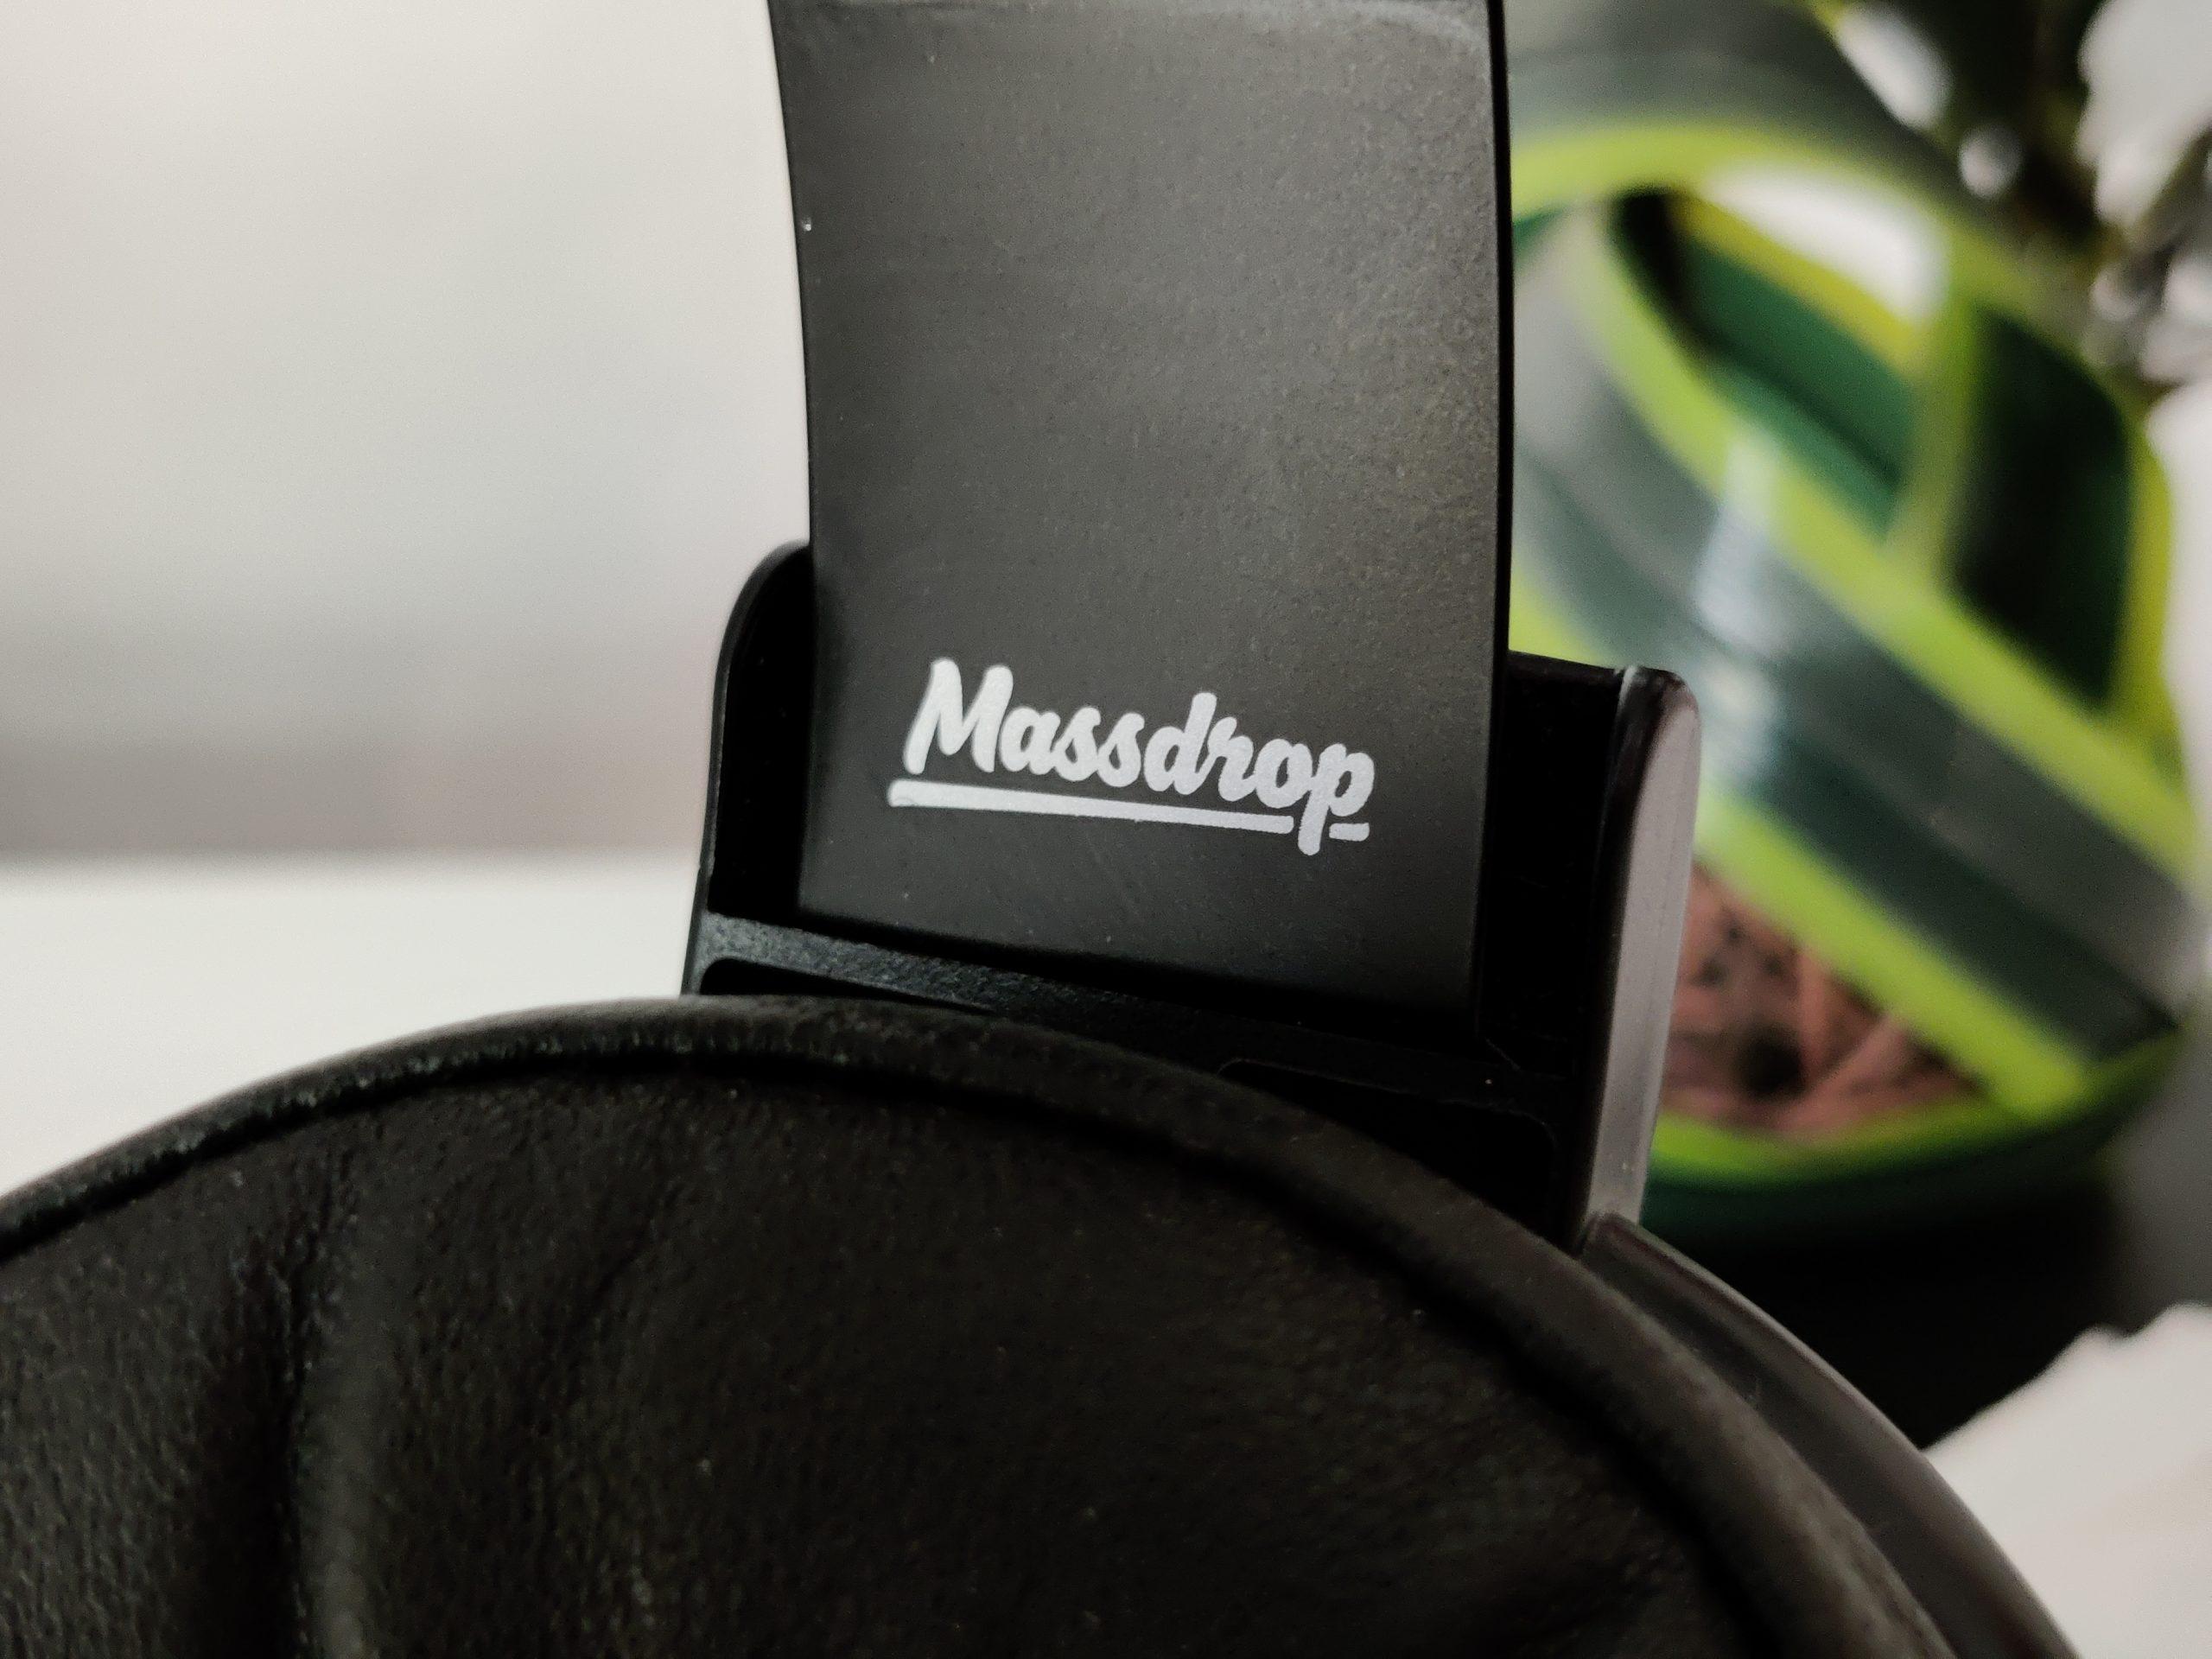 Marquage Massdrop HD6XX